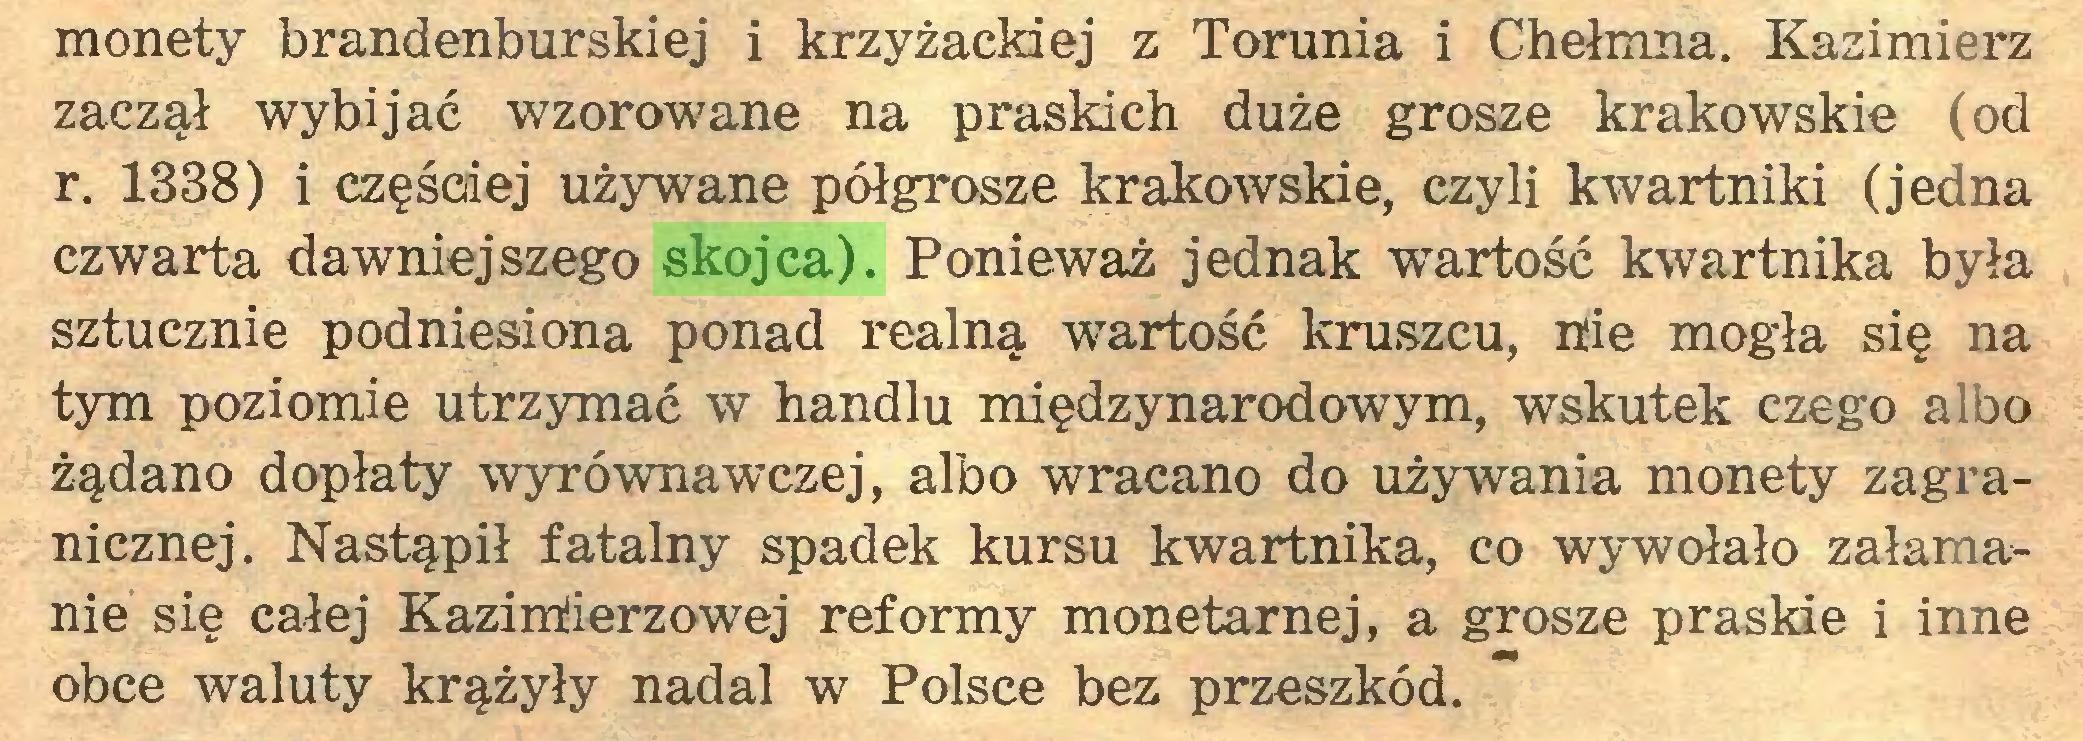 (...) monety brandenburskiej i krzyżackiej z Torunia i Chełmna. Kazimierz zaczął wybijać wzorowane na praskich duże grosze krakowskie (od r. 1338) i częściej używane półgrosze krakowskie, czyli kwartniki (jedna czwarta dawniejszego skojca). Ponieważ jednak wartość kwartnika była sztucznie podniesiona ponad realną wartość kruszcu, nie mogła się na tym poziomie utrzymać w handlu międzynarodowym, wskutek czego albo żądano dopłaty wyrównawczej, albo wracano do używania monety zagranicznej. Nastąpił fatalny spadek kursu kwartnika, co wywołało załamanie się całej Kazirriierzowej reformy monetarnej, a grosze praskie i inne obce waluty krążyły nadal w Polsce bez przeszkód...